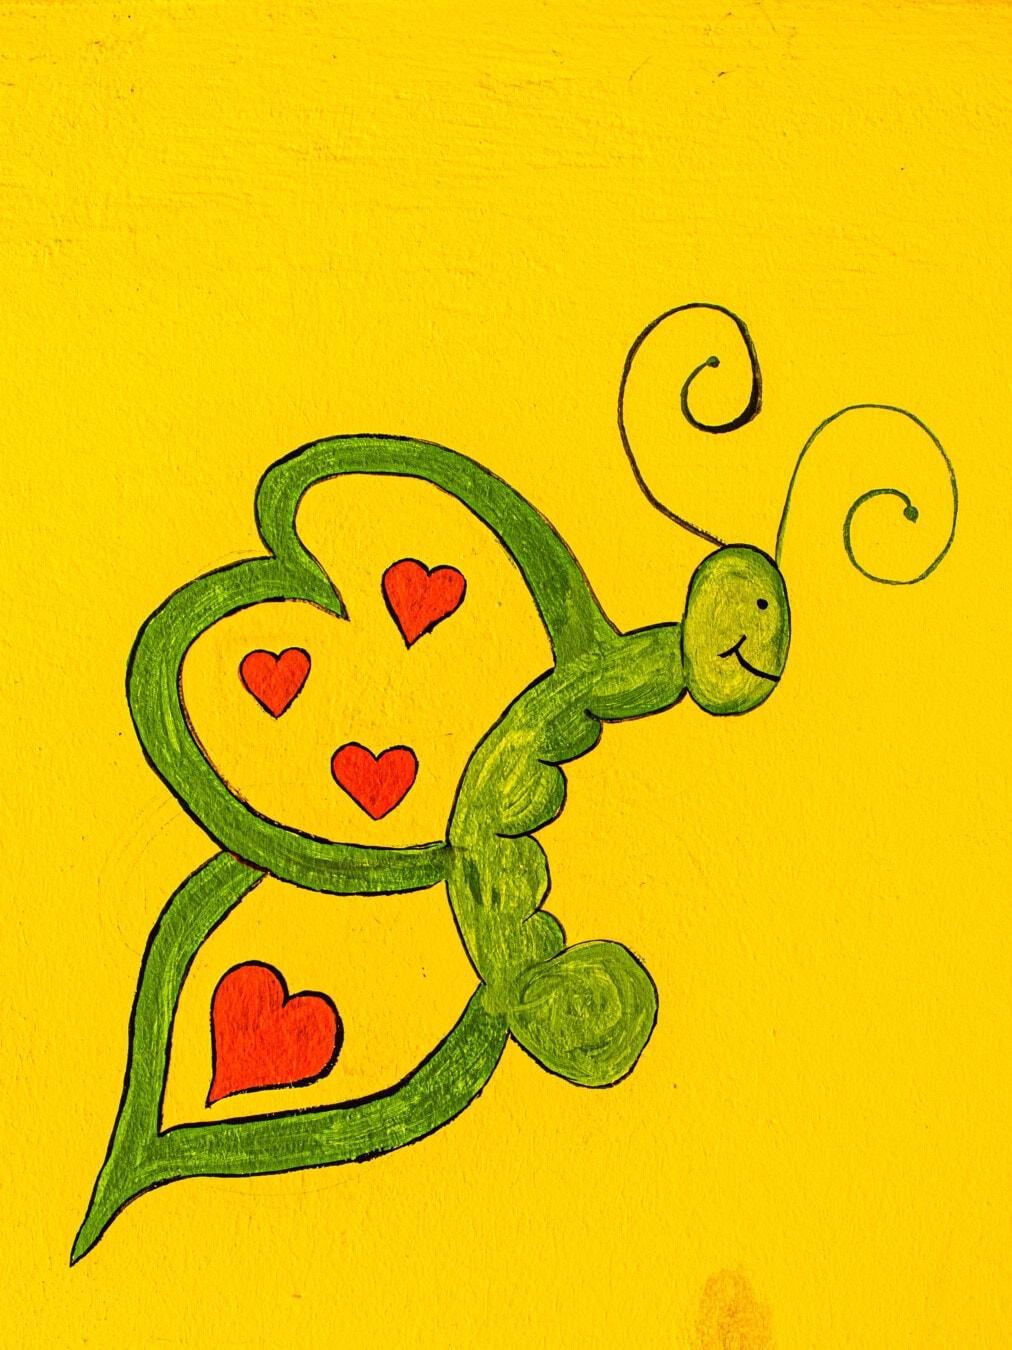 graffiti, funny, green, butterfly, art, illustration, retro, design, abstract, symbol